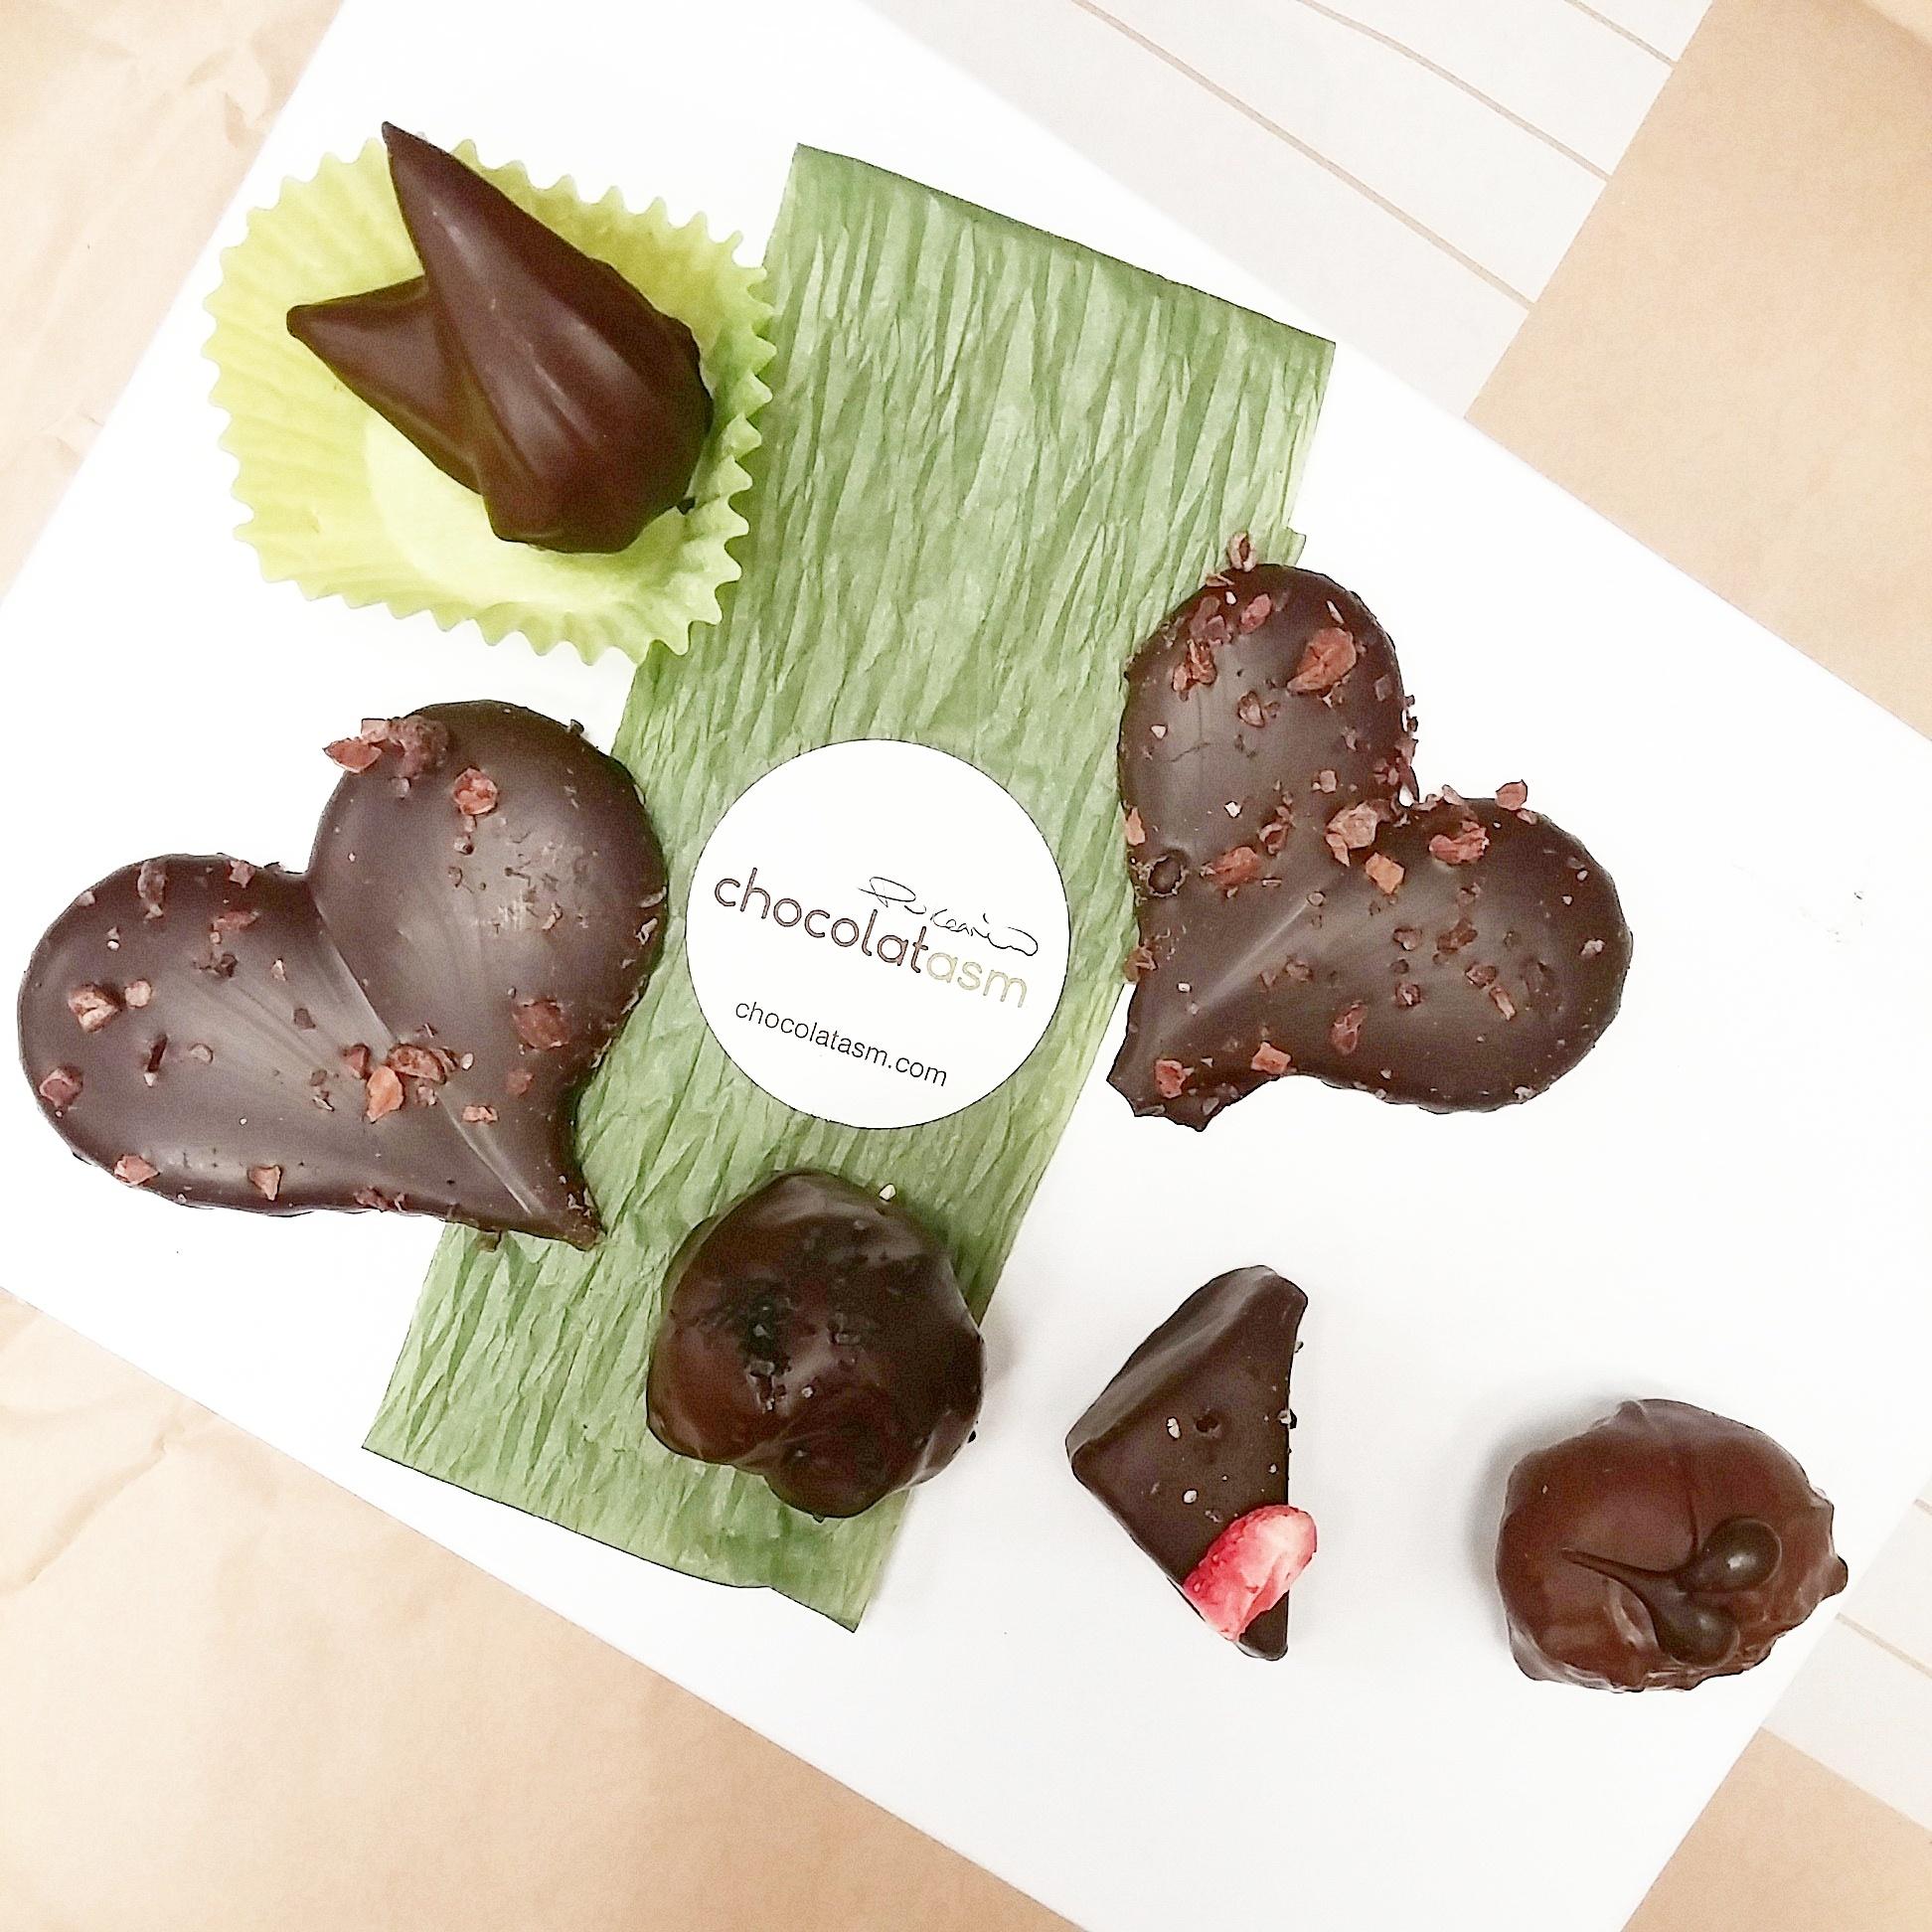 Artisan chocolate by Chocolatasm